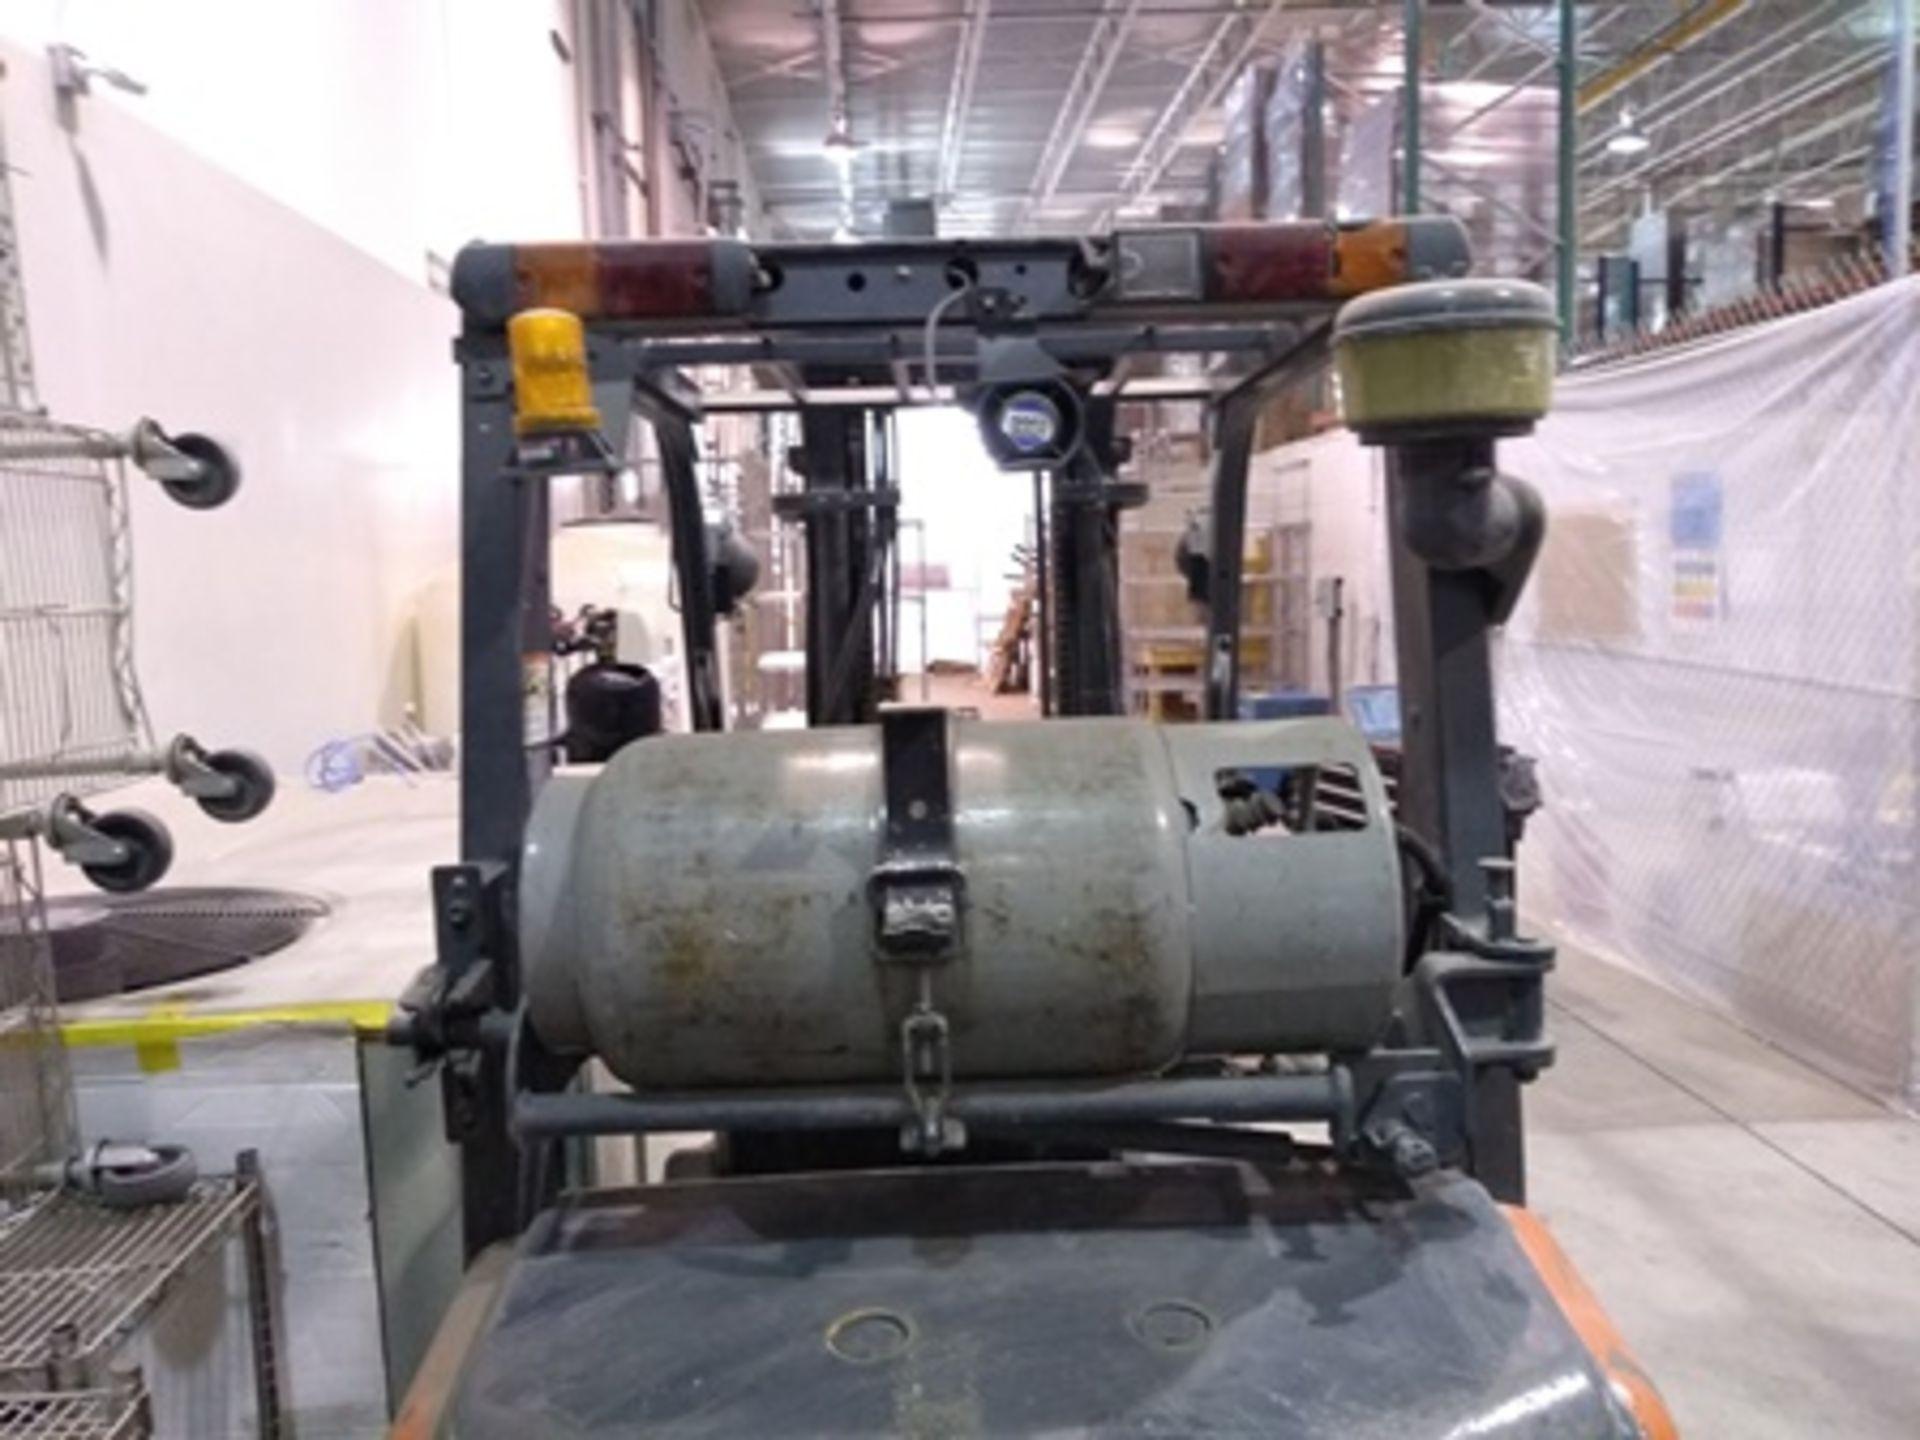 Lot 24 - 2008 Toyota 6,600 lb. Forklift, MODEL 8FGCU32, LPG engine, Max fork height 11 ft., 6,099 Hiurs